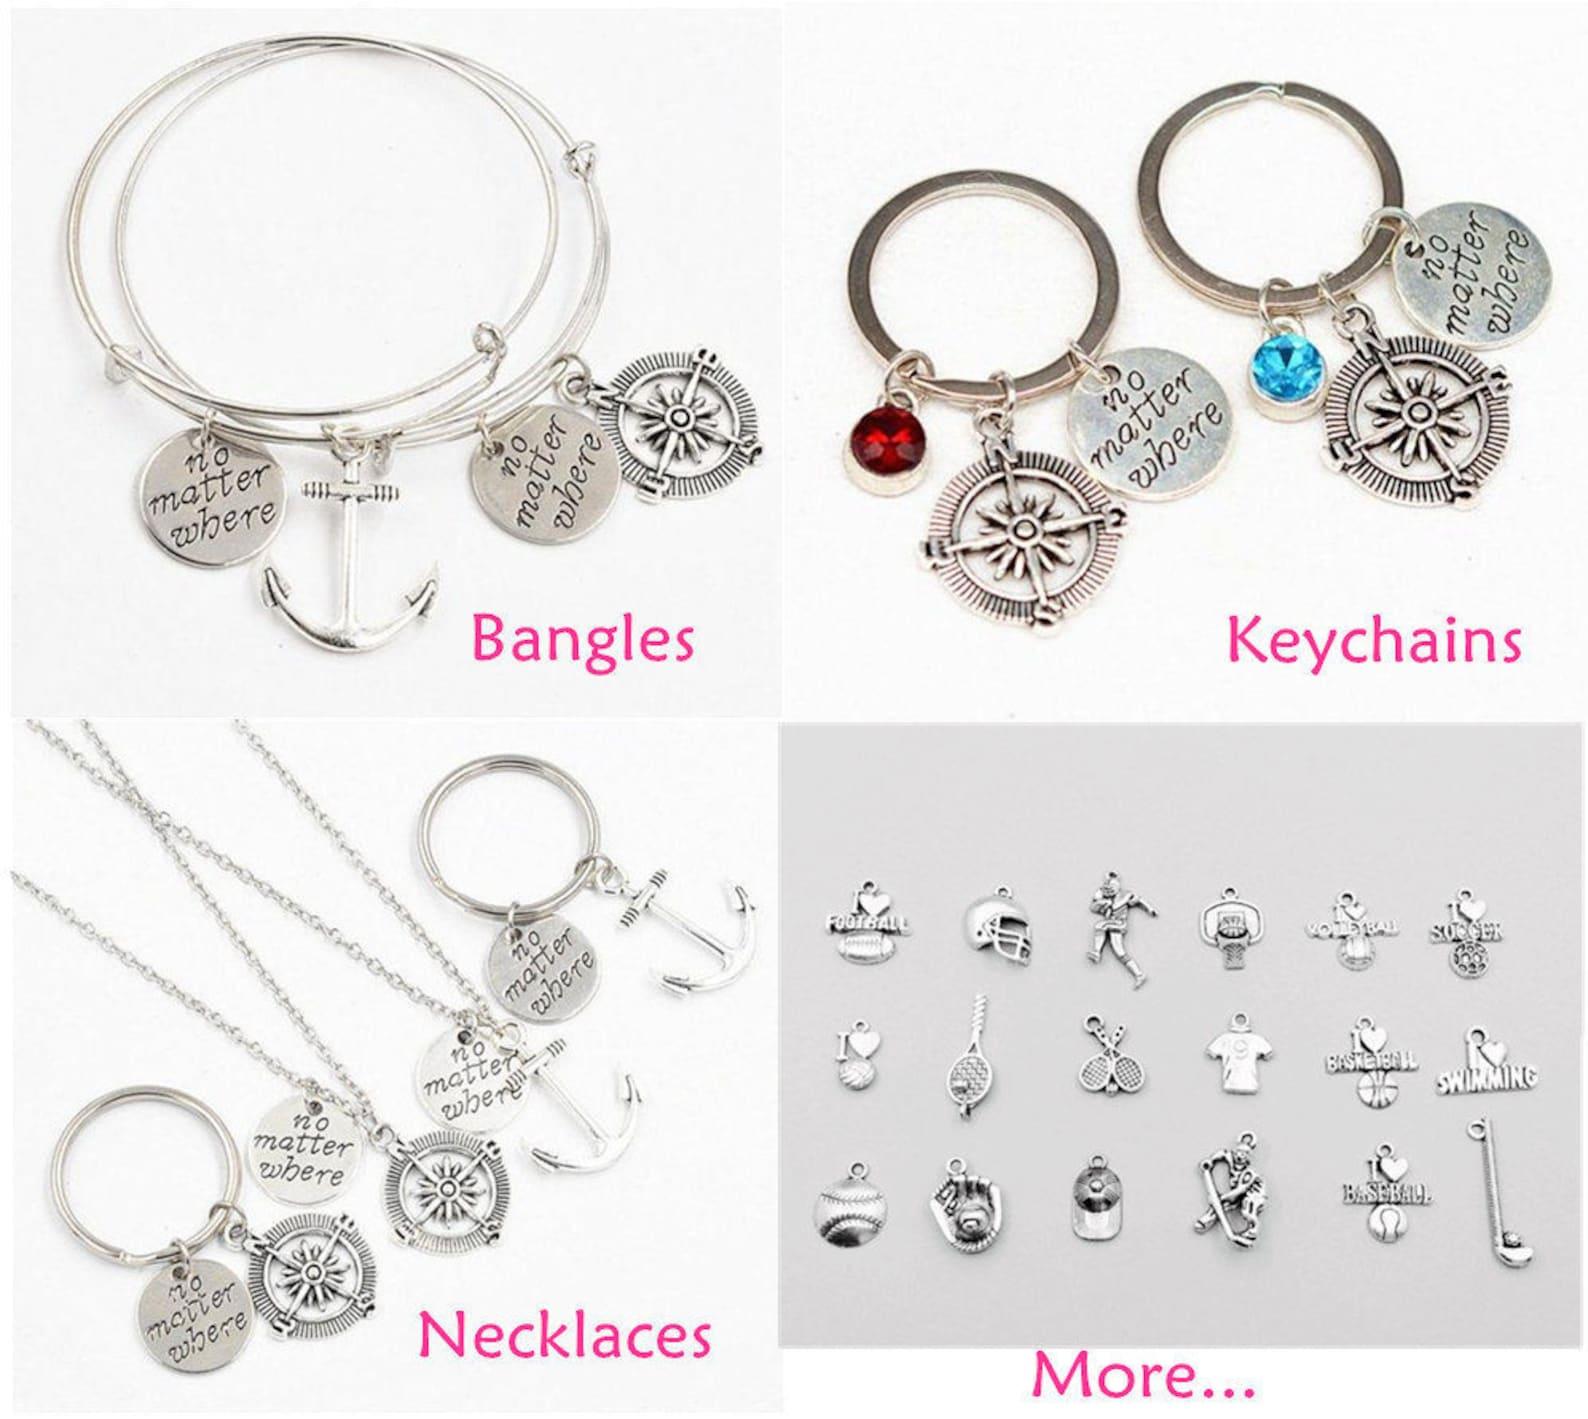 ballet pump necklace, personalized necklace, ballet pump charm necklace, initial necklaces, pointe charm, dance charm, ballet sh